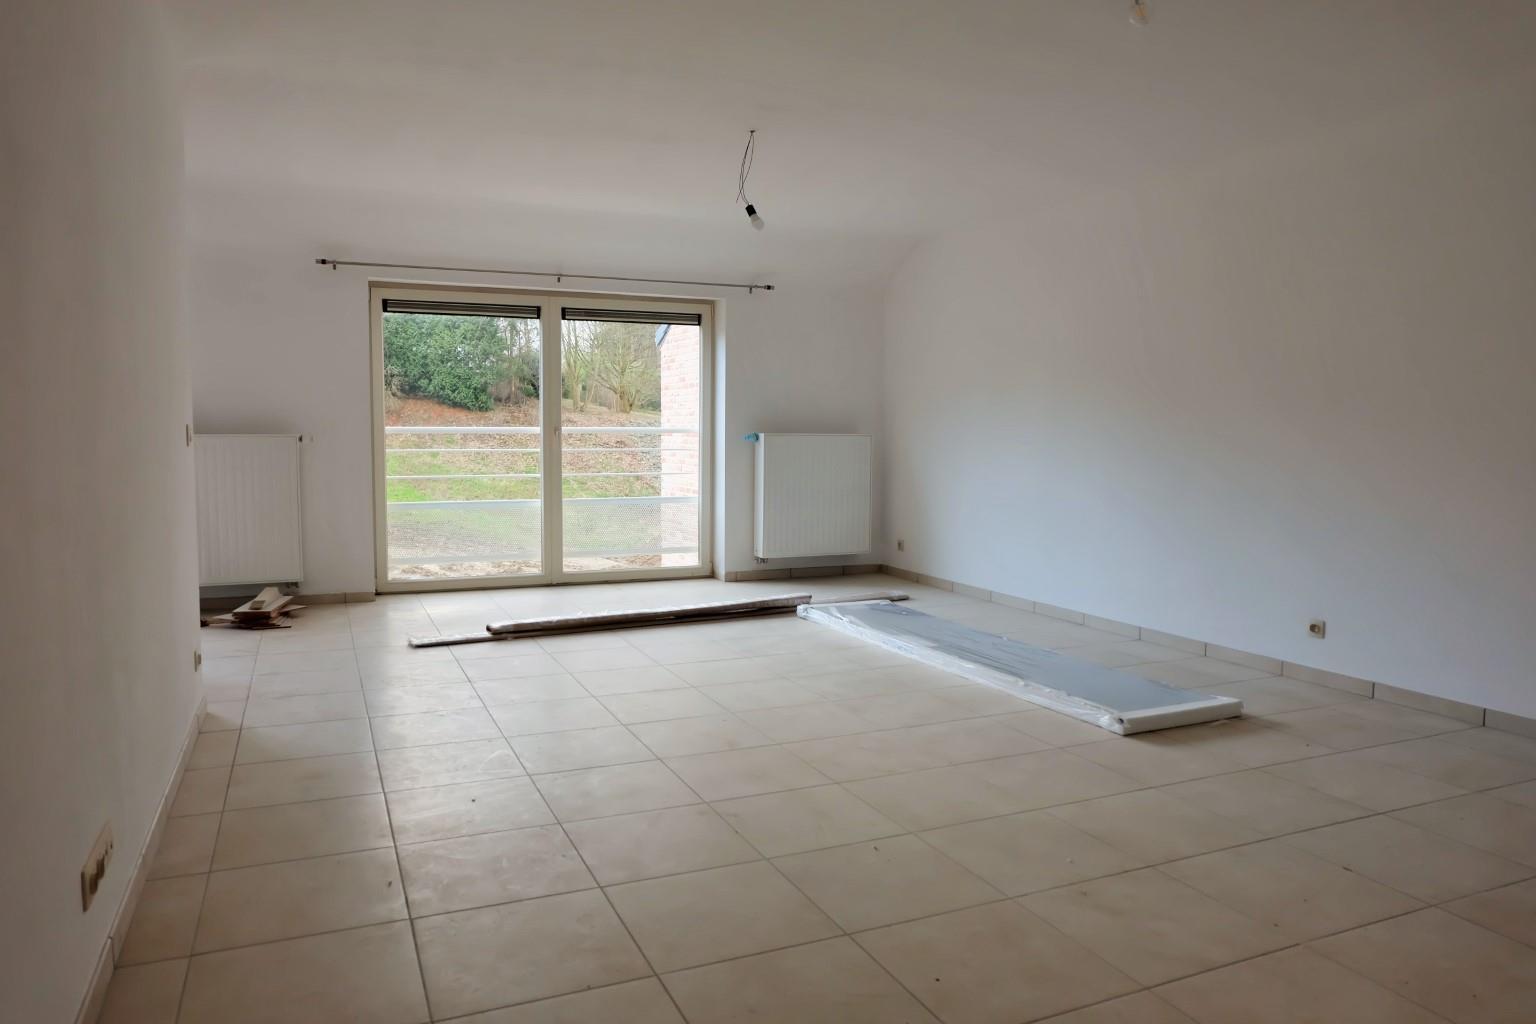 Appartement - Braine-le-Comte Hennuyères - #2181184-1